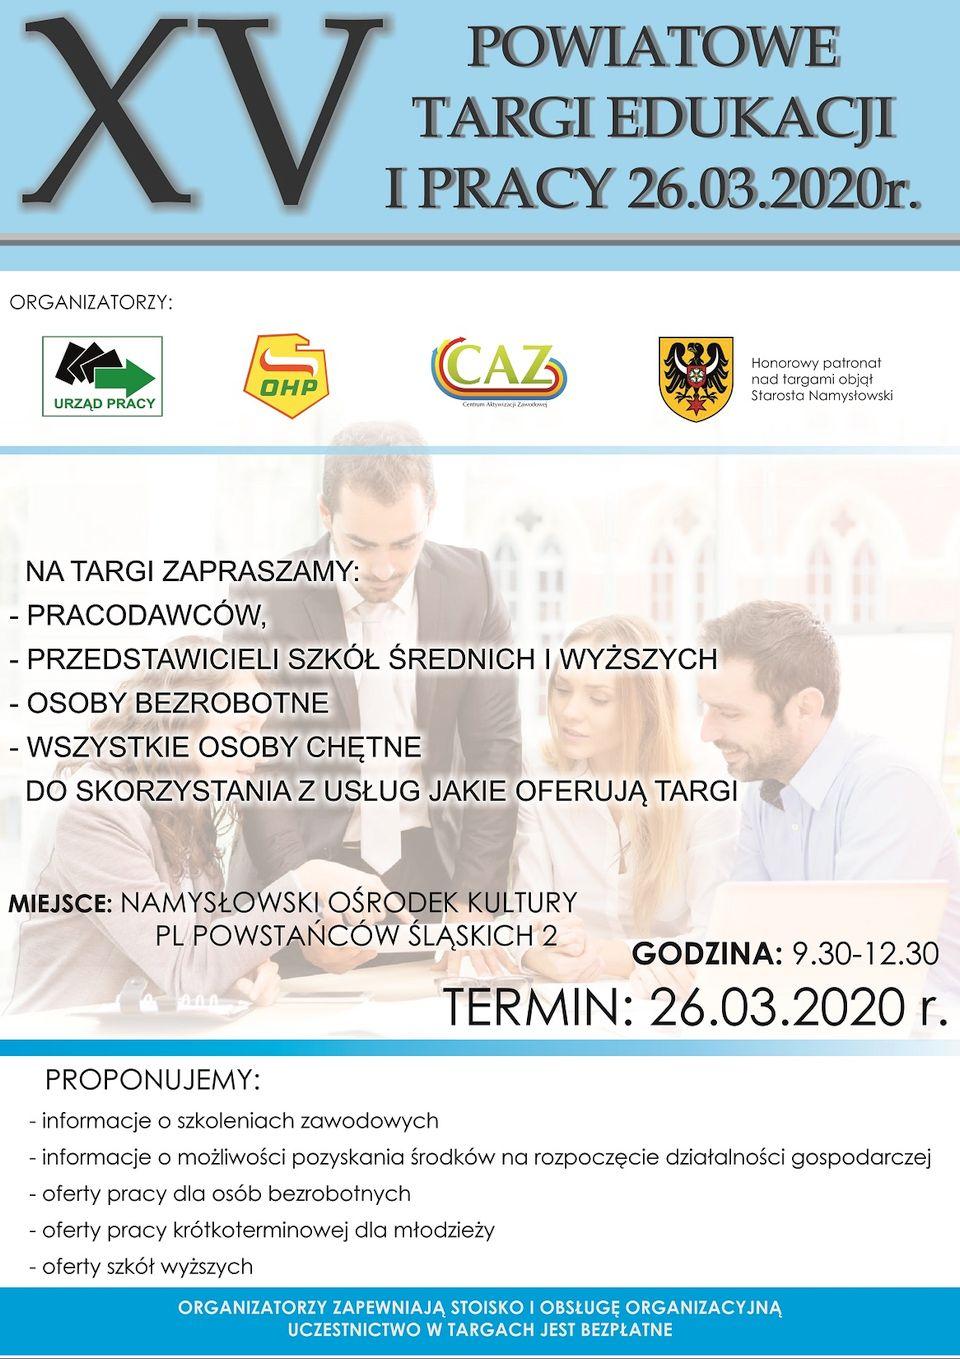 XV Powiatowe Targi Edukacji i Pracy w Namysłowie